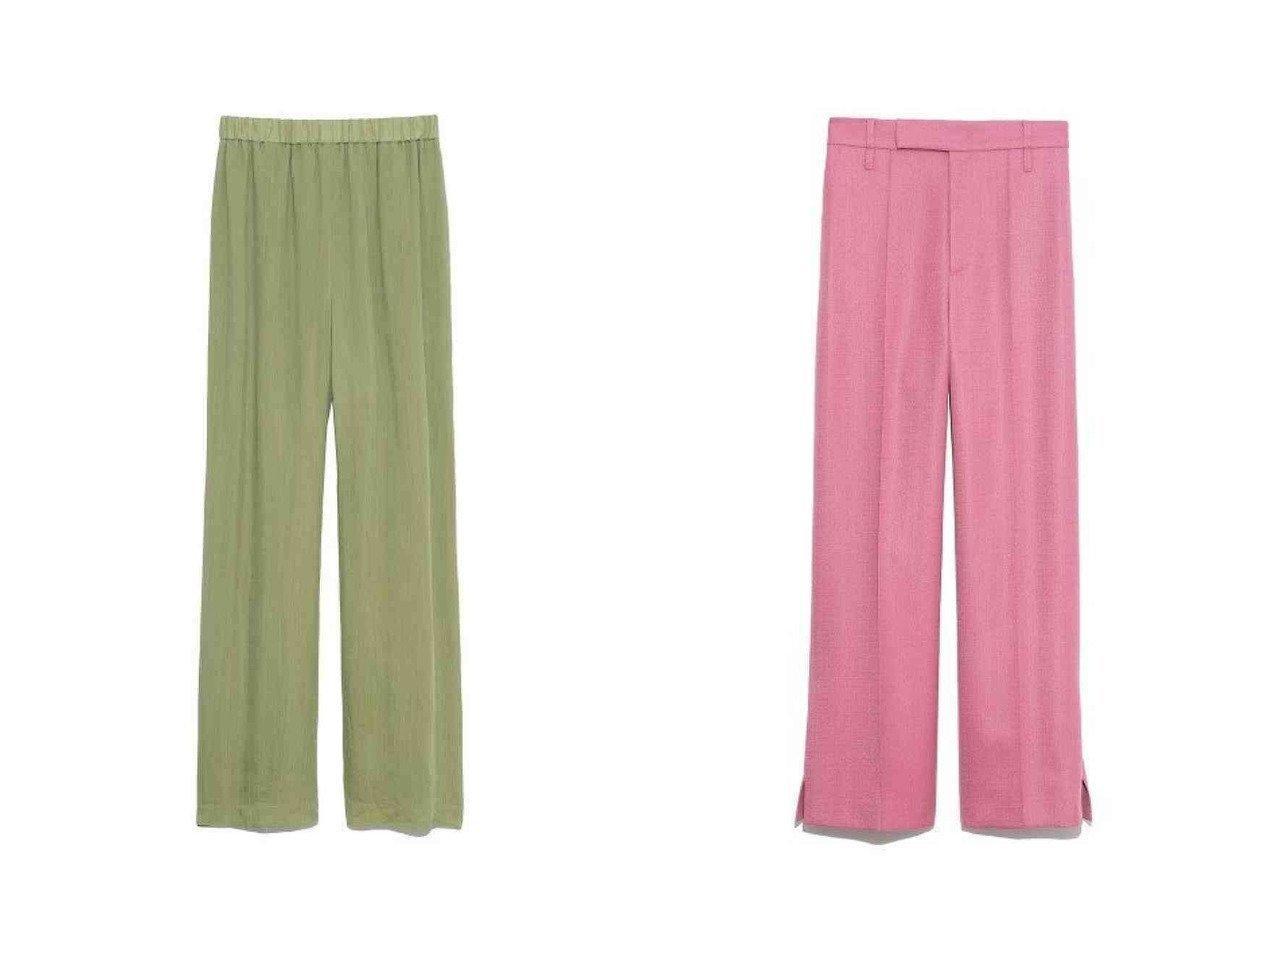 【Mila Owen/ミラオーウェン】の裾ベンツ後ろゴムワイドパンツ&シアーセットアップウエストゴムパンツ パンツのおすすめ!人気、トレンド・レディースファッションの通販 おすすめで人気の流行・トレンド、ファッションの通販商品 メンズファッション・キッズファッション・インテリア・家具・レディースファッション・服の通販 founy(ファニー) https://founy.com/ ファッション Fashion レディースファッション WOMEN セットアップ Setup パンツ Pants パンツ Pants エレガント ジーンズ ストレート NEW・新作・新着・新入荷 New Arrivals ループ ワイド ワーク |ID:crp329100000012836